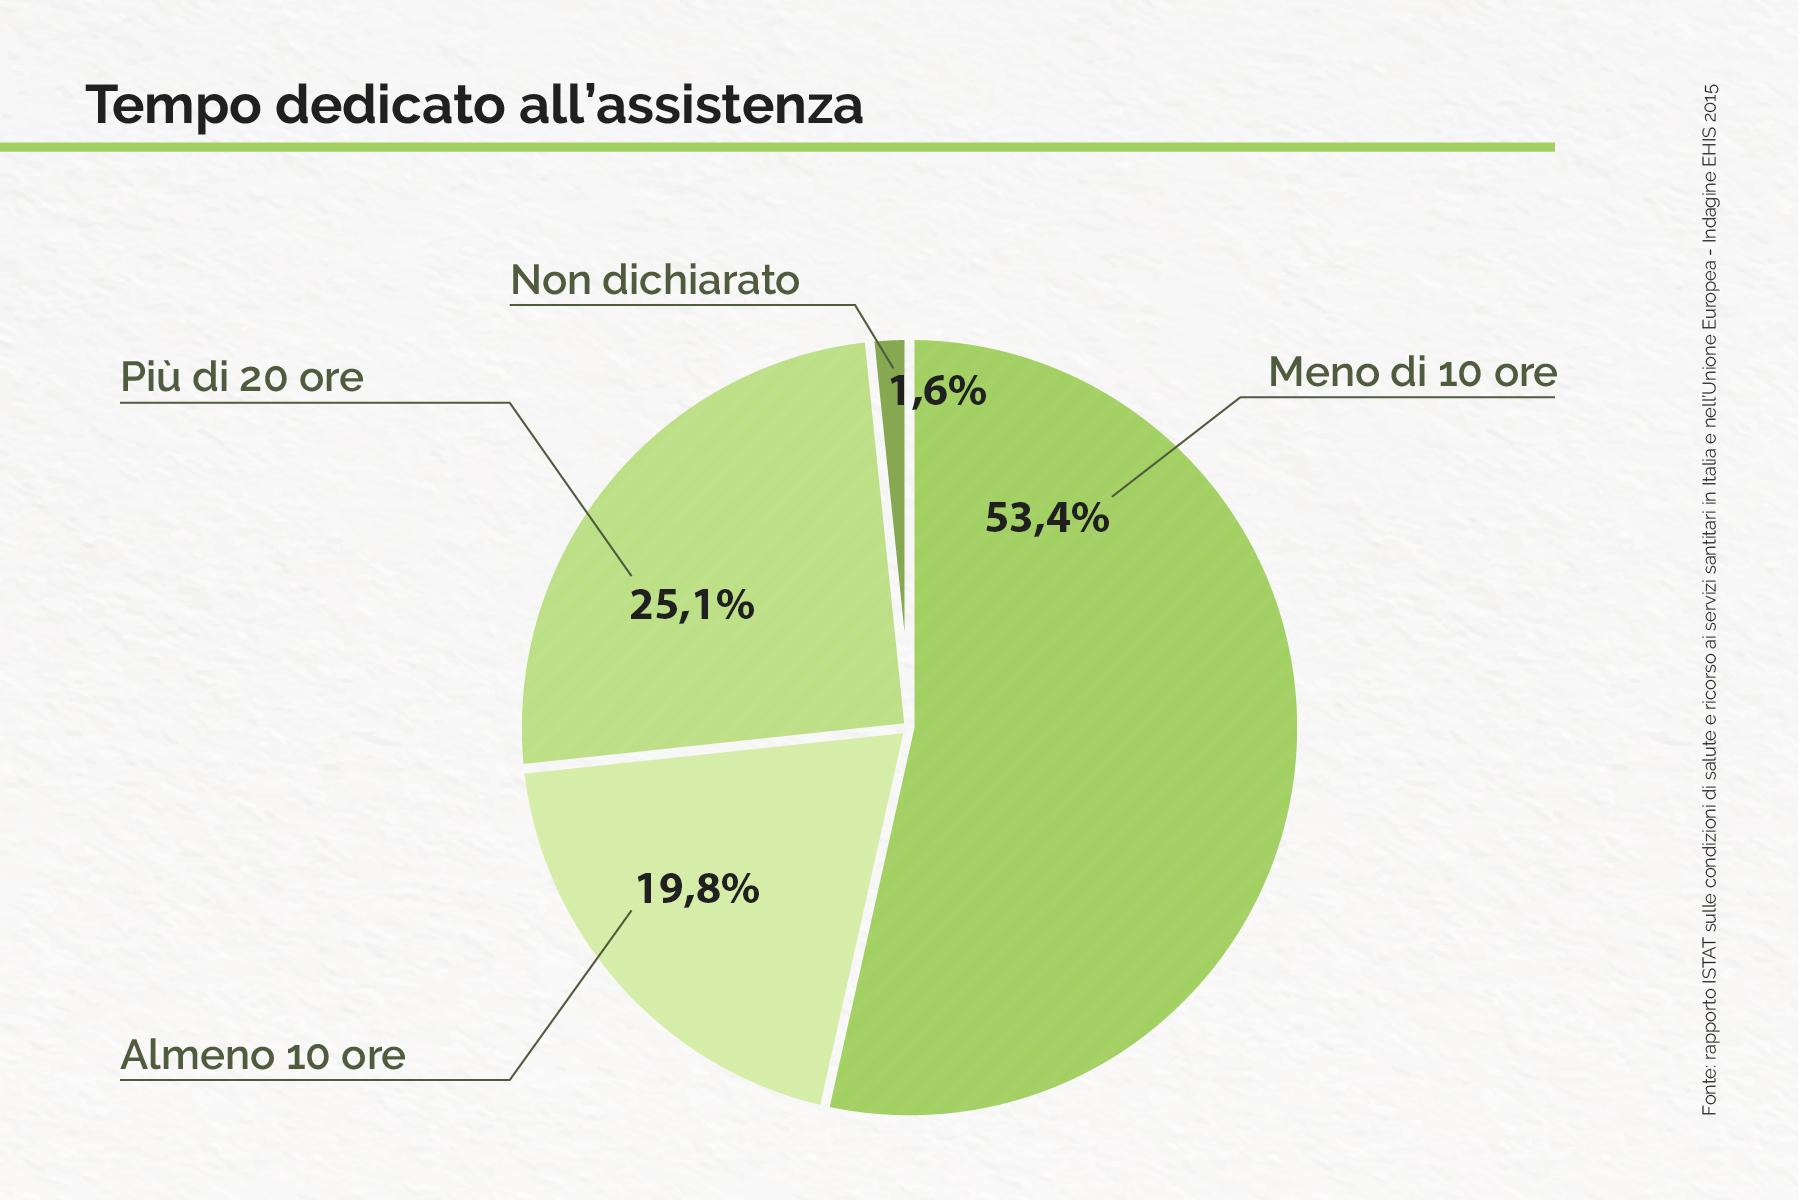 Chi sono e cosa fanno i caregiver italiani TempoDedicatoAllAssistenza